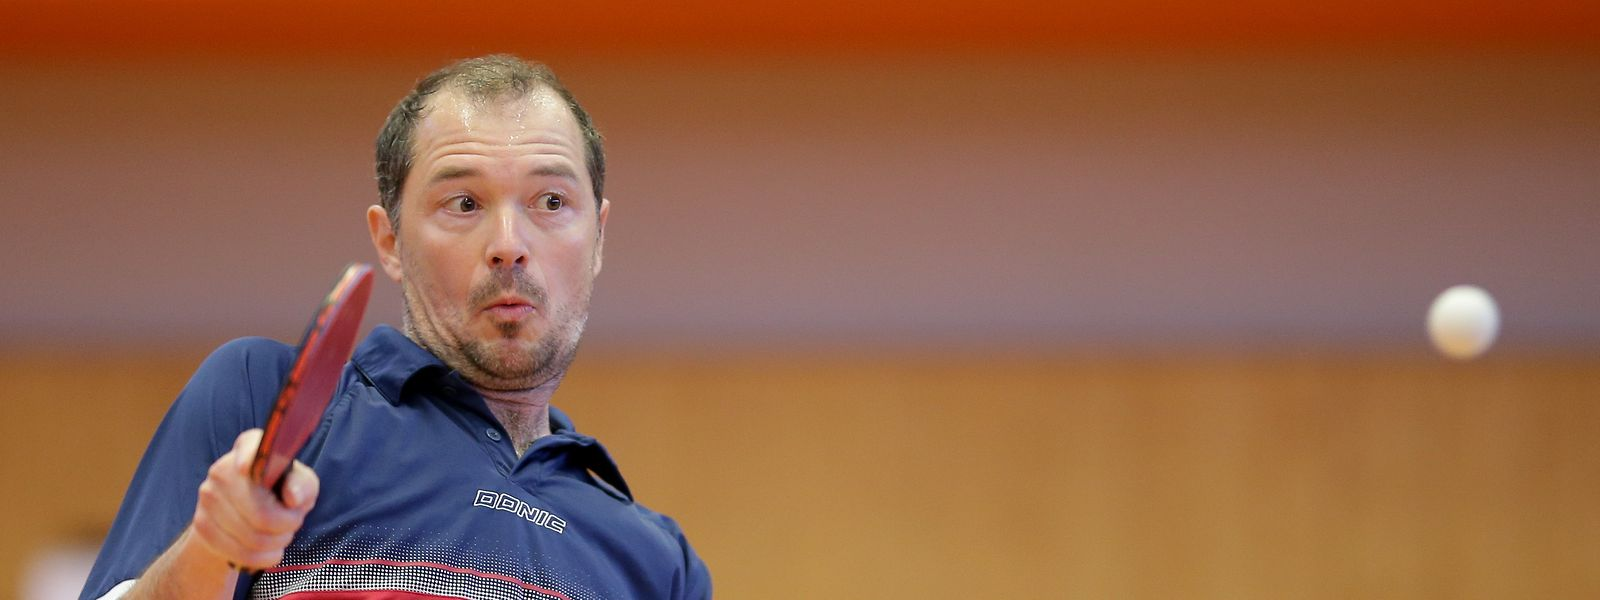 Zoltan Fejer-Konnerth und Düdelingen werden als Titelverteidiger an den Start gehen.